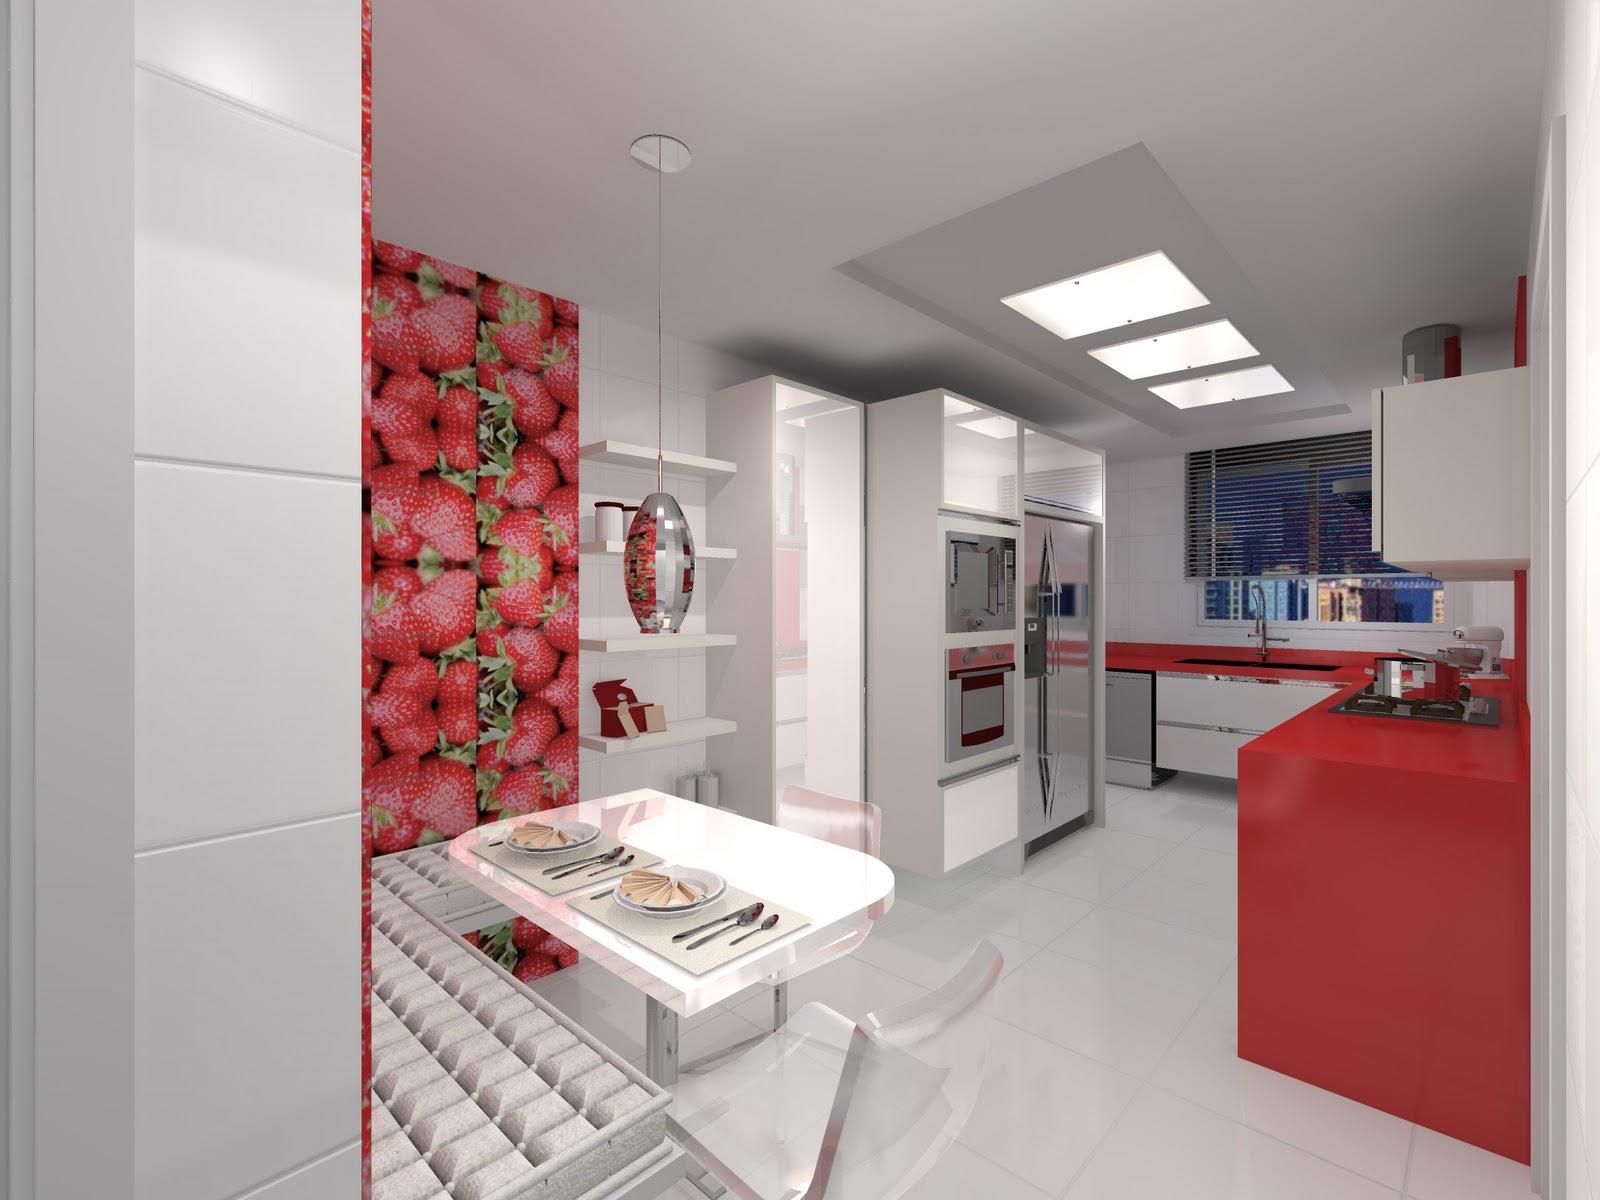 de Interiores  Maquetes 3d: Trabalhos Freelancer Desenho 3D/ Cozinhas #993234 1600 1200